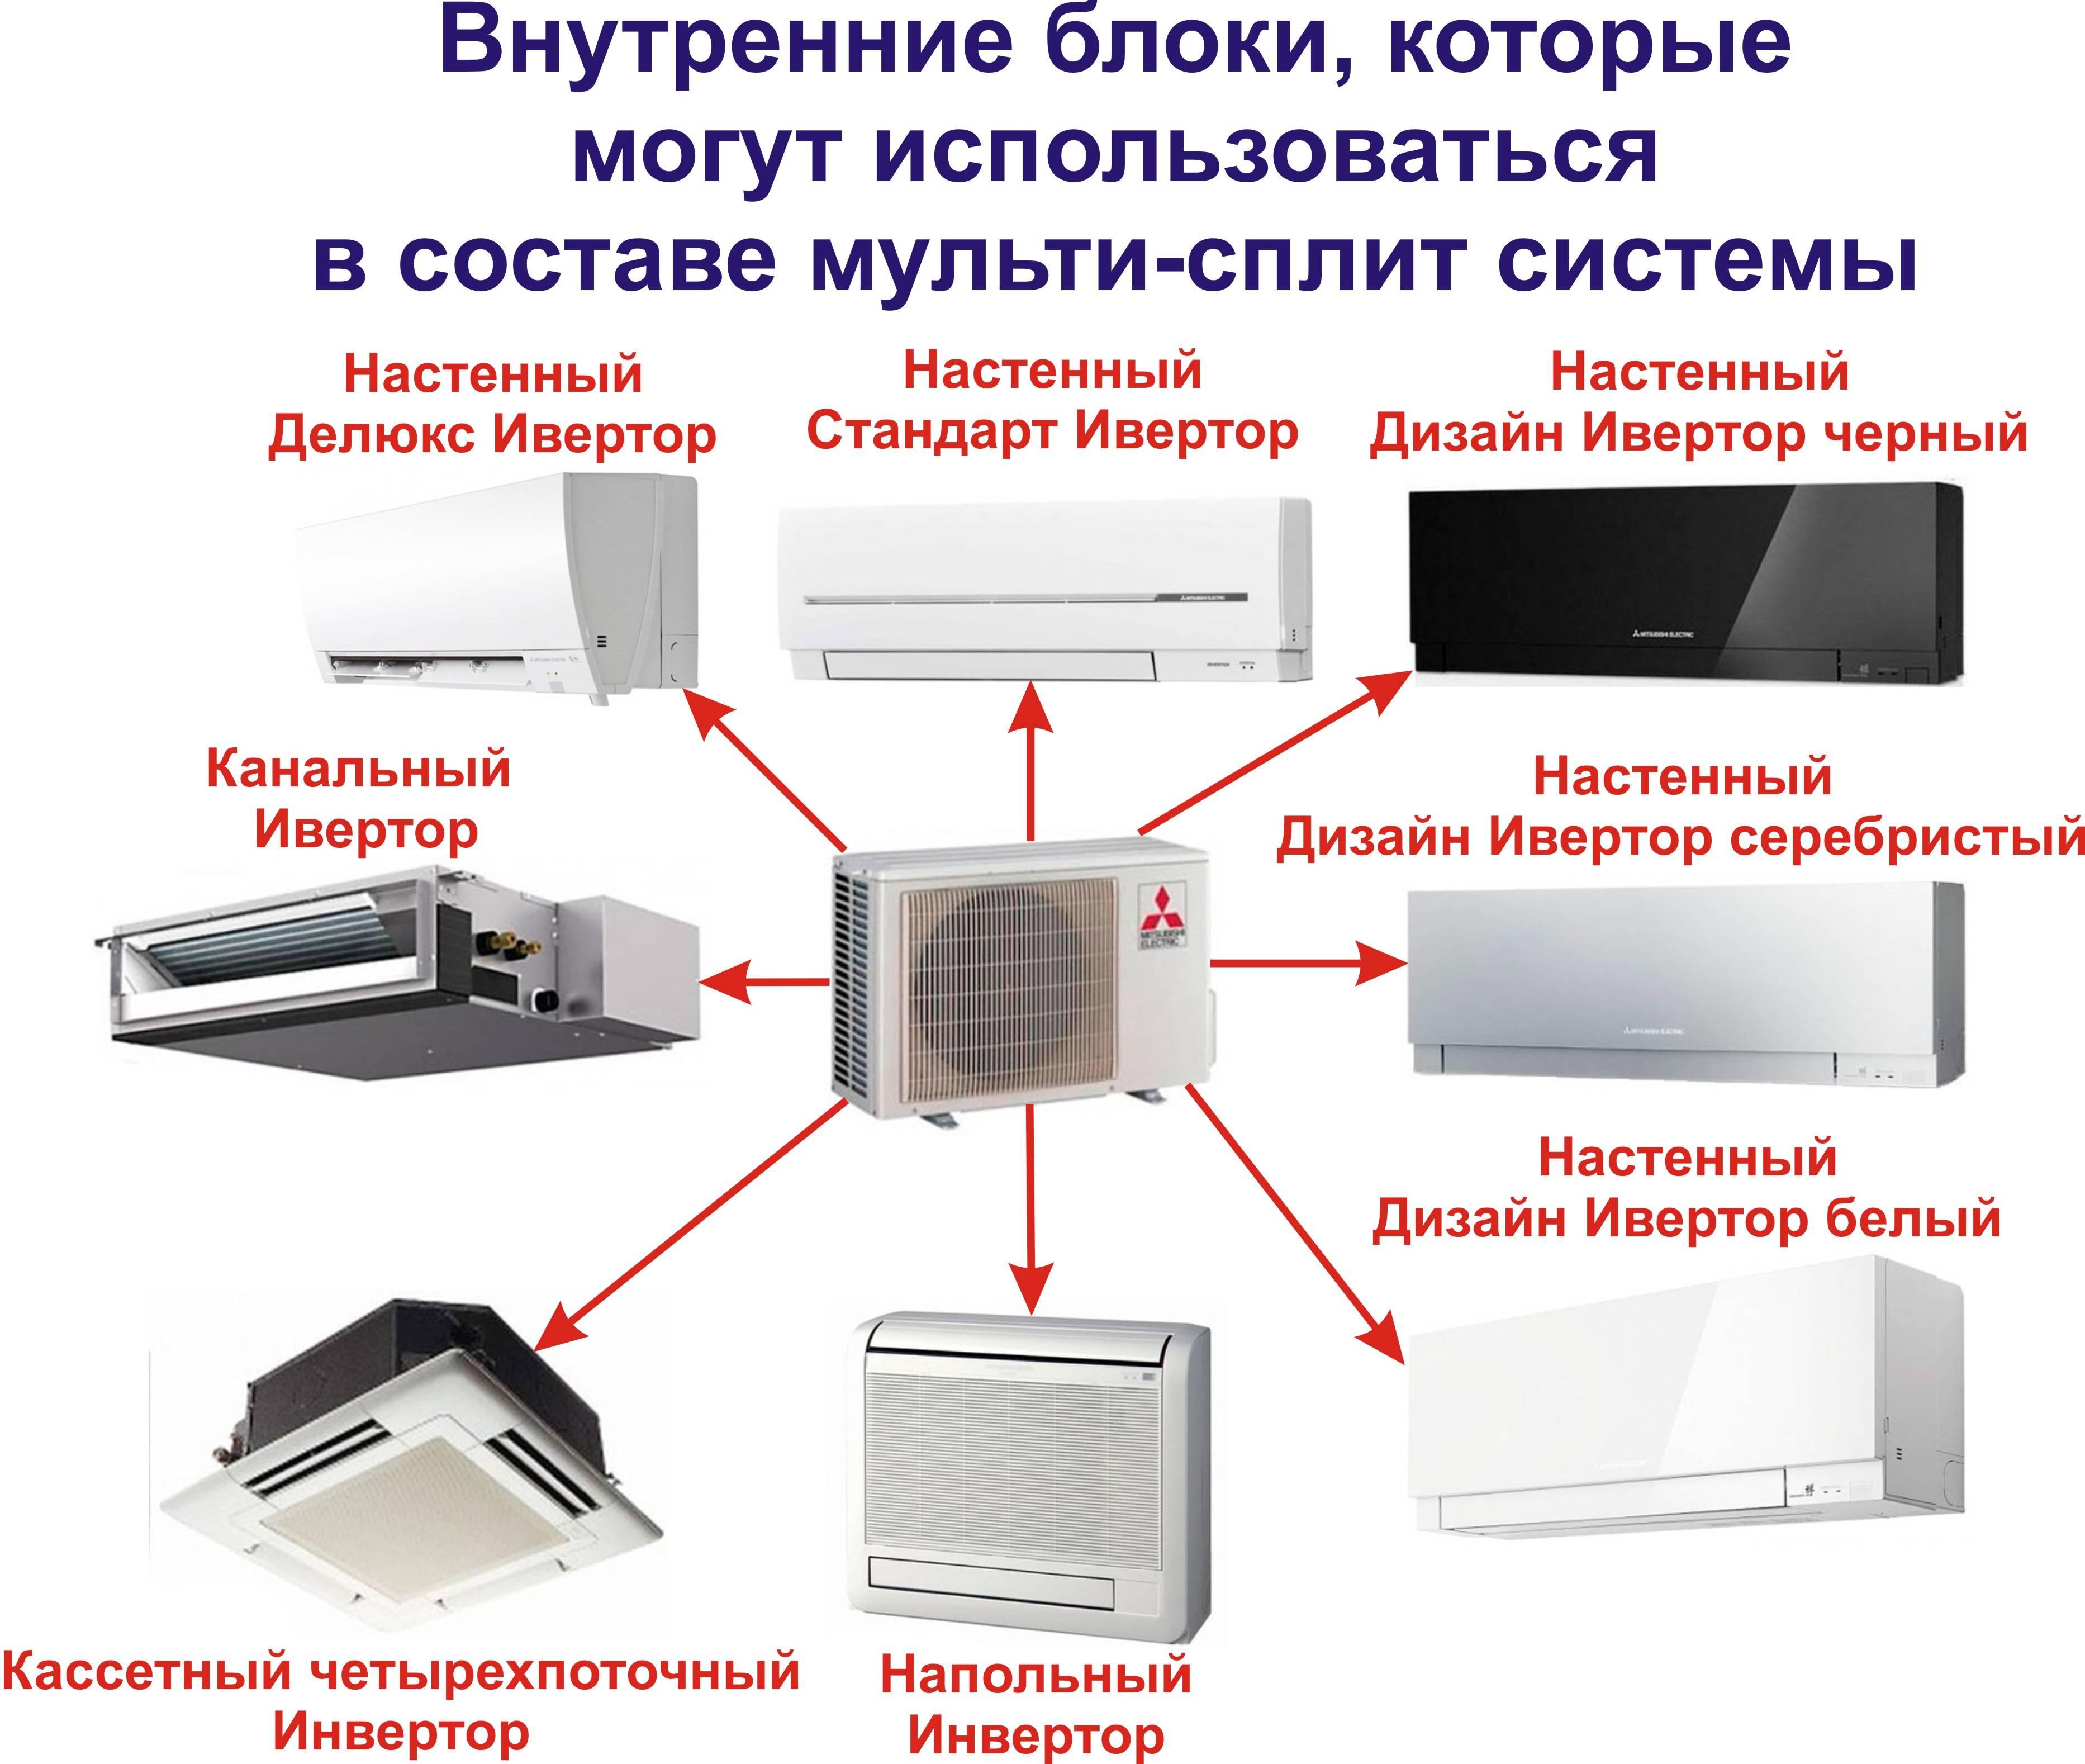 Какой кондиционер лучше: виды и марки сплит-систем, их особенности